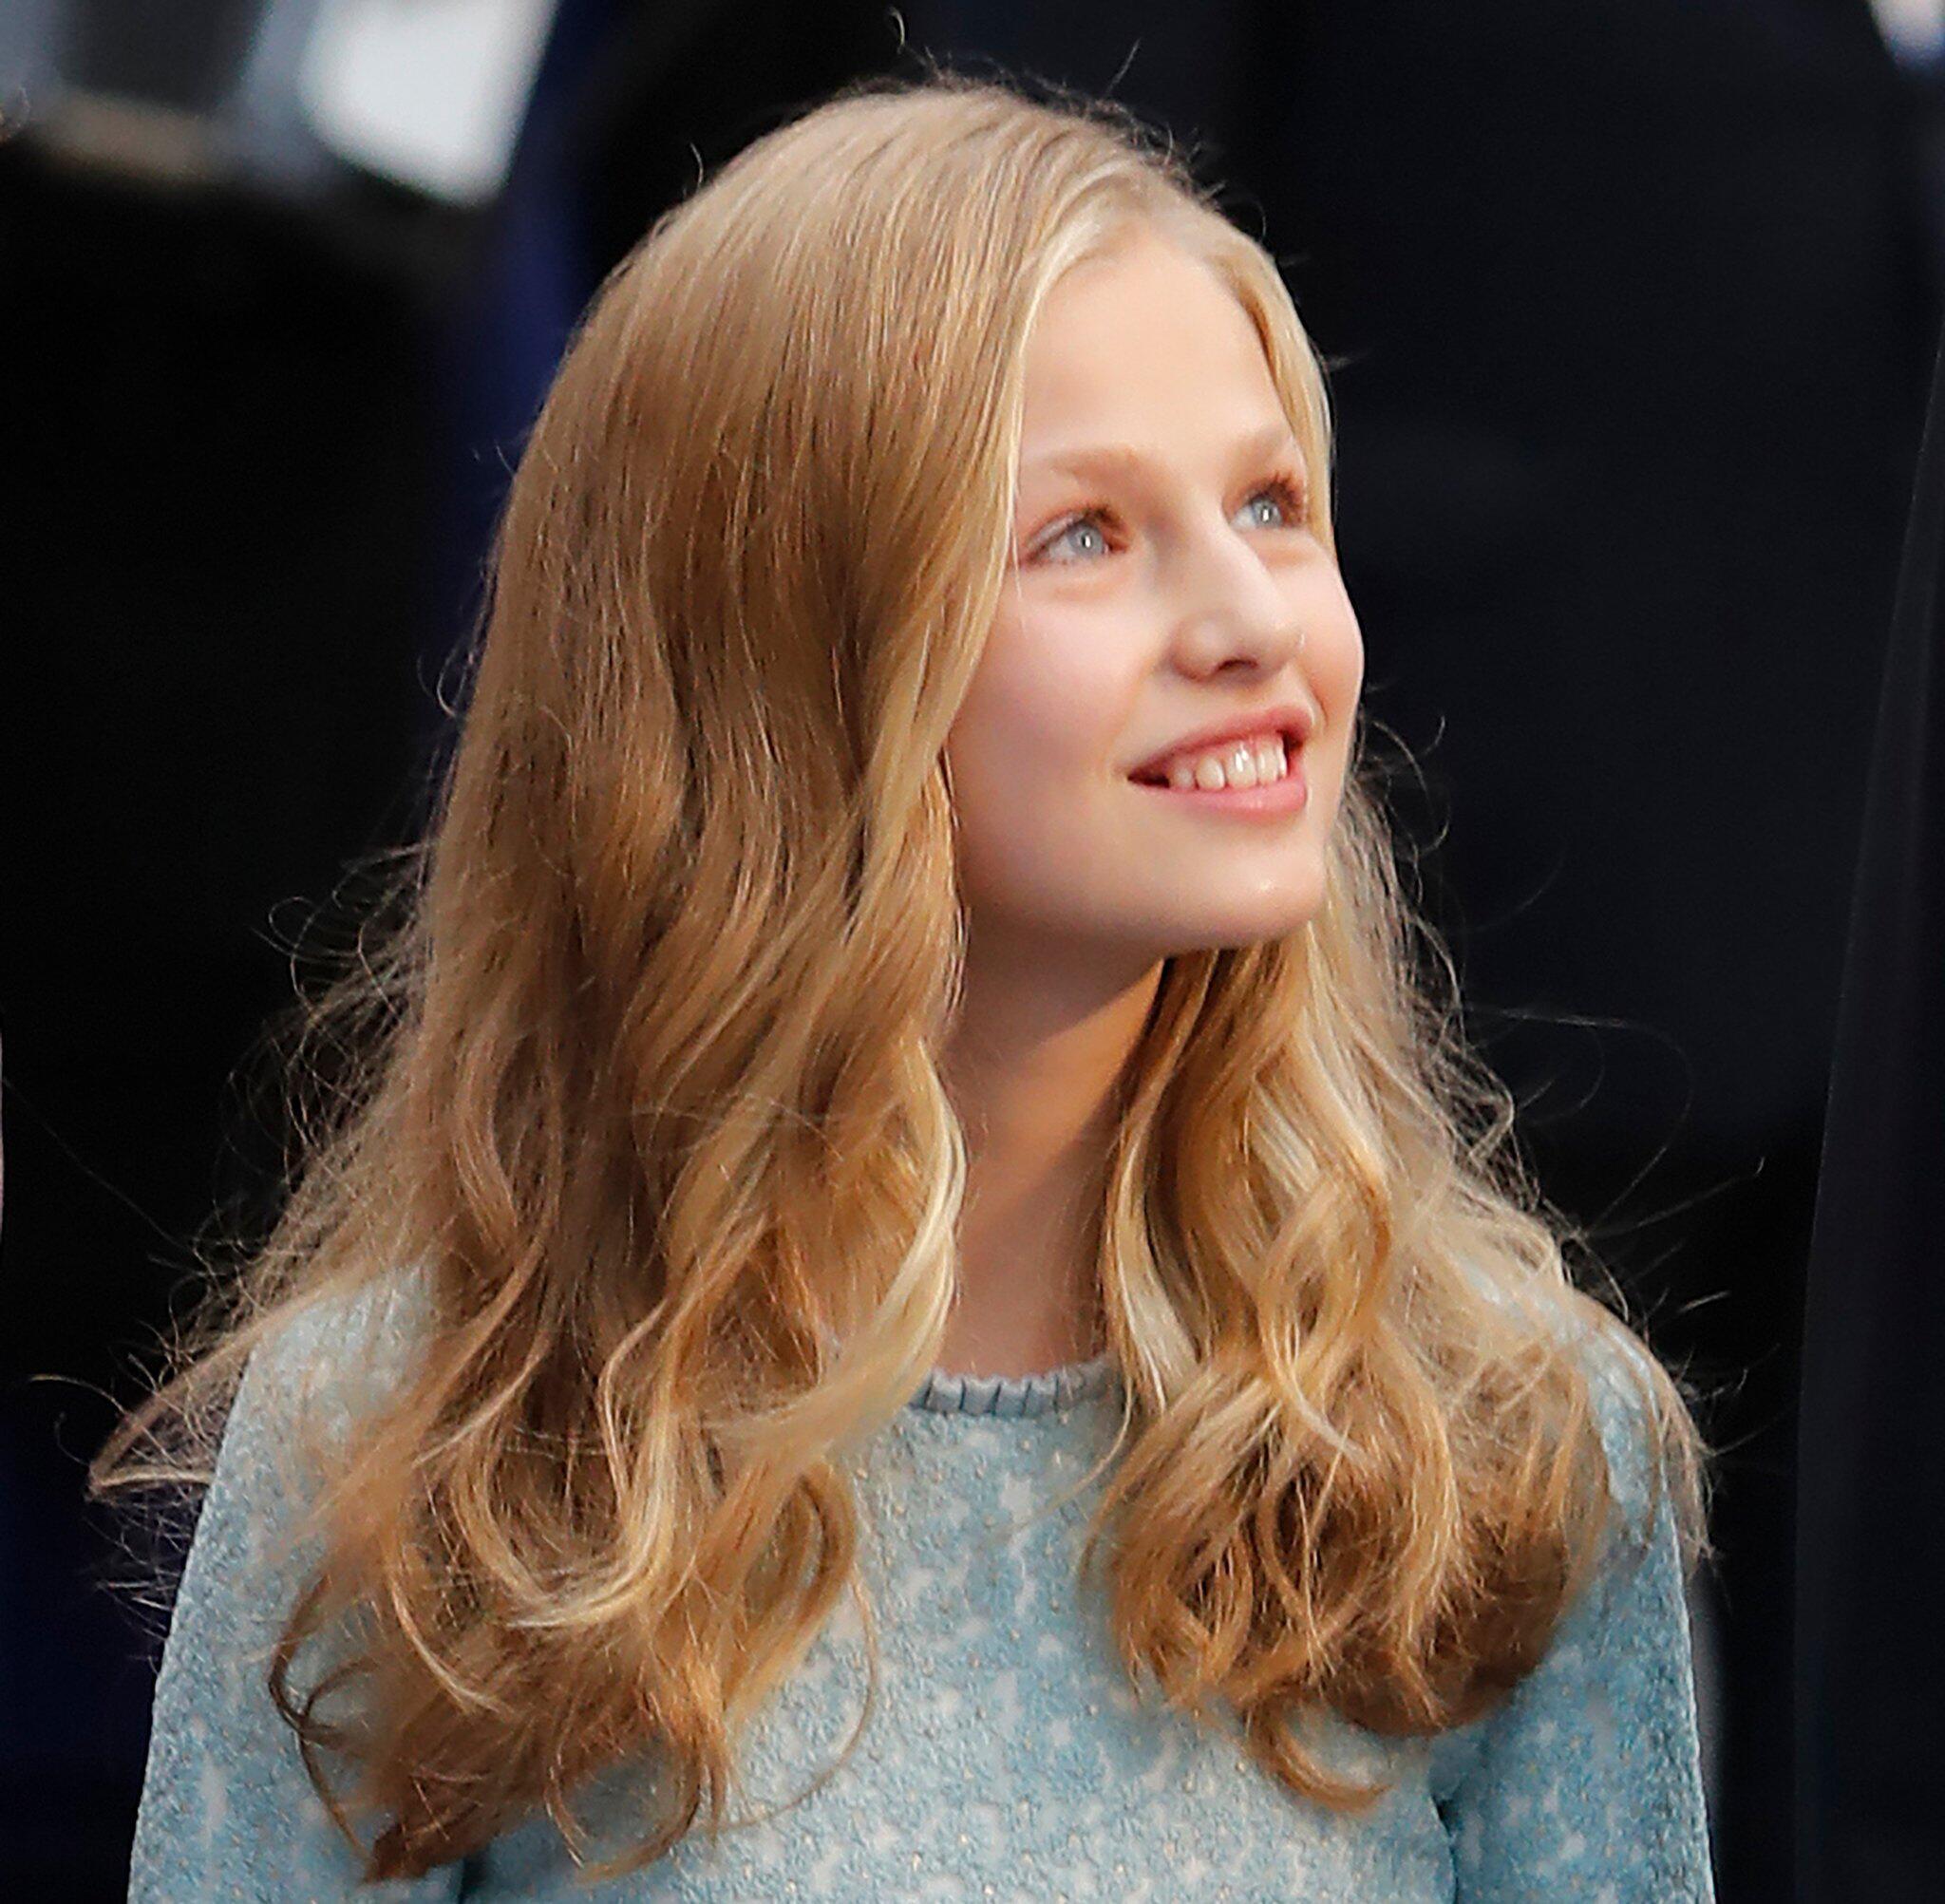 Bild zu Kronprinzessin Leonor von Spanien wird 14